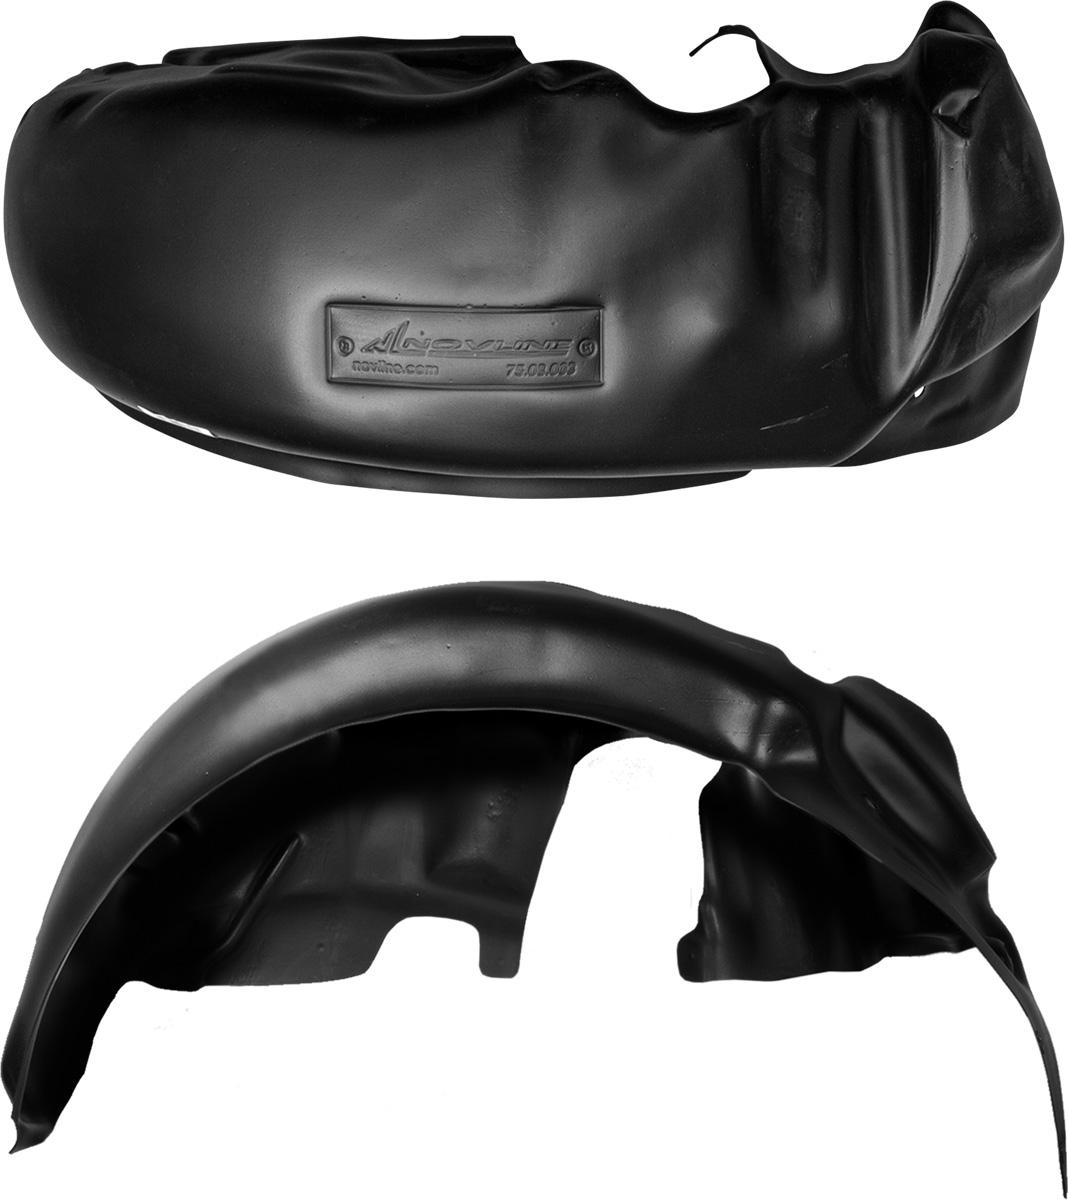 Подкрылок Novline-Autofamily, для NISSAN Juke 2WD 2010-2014, 2014-, задний левыйNLL.36.35.003Колесные ниши – одни из самых уязвимых зон днища вашего автомобиля. Они постоянно подвергаются воздействию со стороны дороги. Лучшая, почти абсолютная защита для них - специально отформованные пластиковые кожухи, которые называются подкрылками, или локерами. Производятся они как для отечественных моделей автомобилей, так и для иномарок. Подкрылки выполнены из высококачественного, экологически чистого пластика. Обеспечивают надежную защиту кузова автомобиля от пескоструйного эффекта и негативного влияния, агрессивных антигололедных реагентов. Пластик обладает более низкой теплопроводностью, чем металл, поэтому в зимний период эксплуатации использование пластиковых подкрылков позволяет лучше защитить колесные ниши от налипания снега и образования наледи. Оригинальность конструкции подчеркивает элегантность автомобиля, бережно защищает нанесенное на днище кузова антикоррозийное покрытие и позволяет осуществить крепление подкрылков внутри колесной арки практически без дополнительного крепежа и сверления, не нарушая при этом лакокрасочного покрытия, что предотвращает возникновение новых очагов коррозии. Технология крепления подкрылков на иномарки принципиально отличается от крепления на российские автомобили и разрабатывается индивидуально для каждой модели автомобиля. Подкрылки долговечны, обладают высокой прочностью и сохраняют заданную форму, а также все свои физико-механические характеристики в самых тяжелых климатических условиях ( от -50° С до + 50° С).